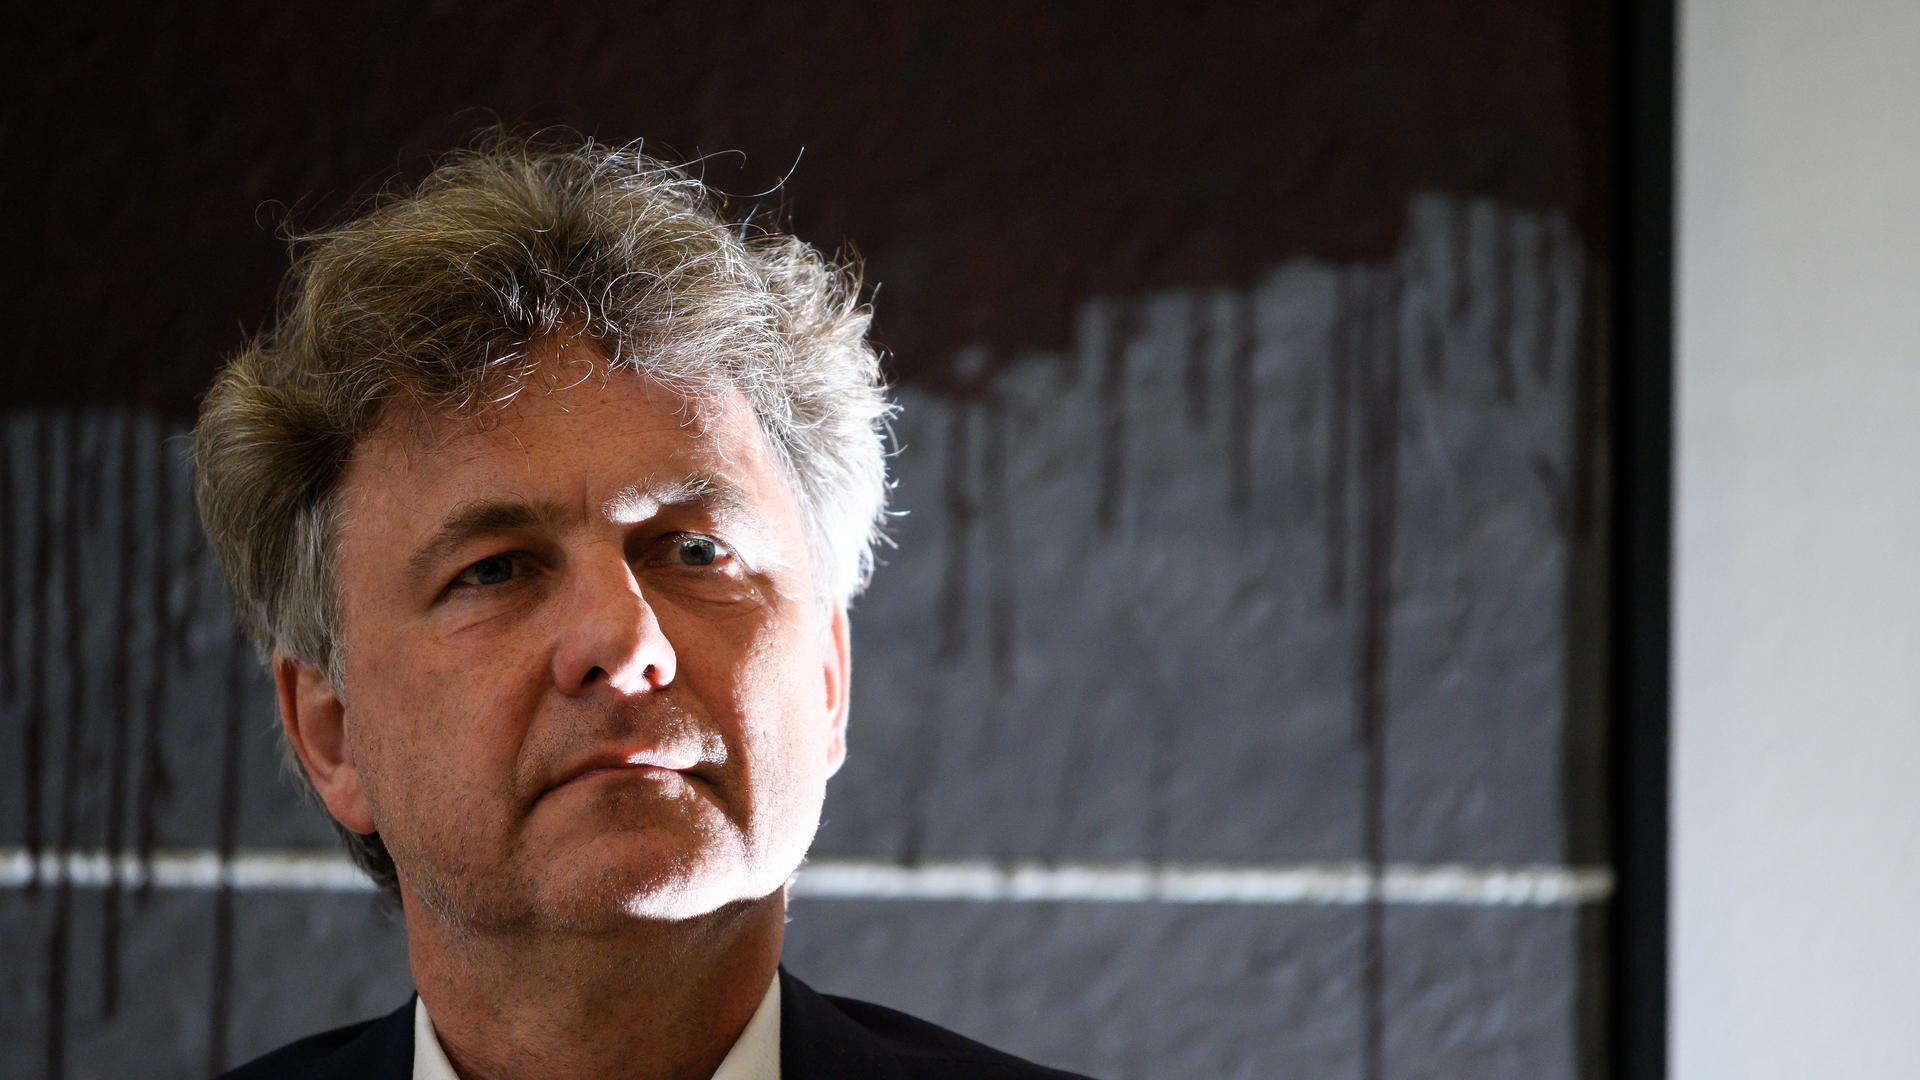 Reaktion auf die Präsidentschaftswahl: Auch Karlsruhes OB Frank Mentrup äußerte sich.